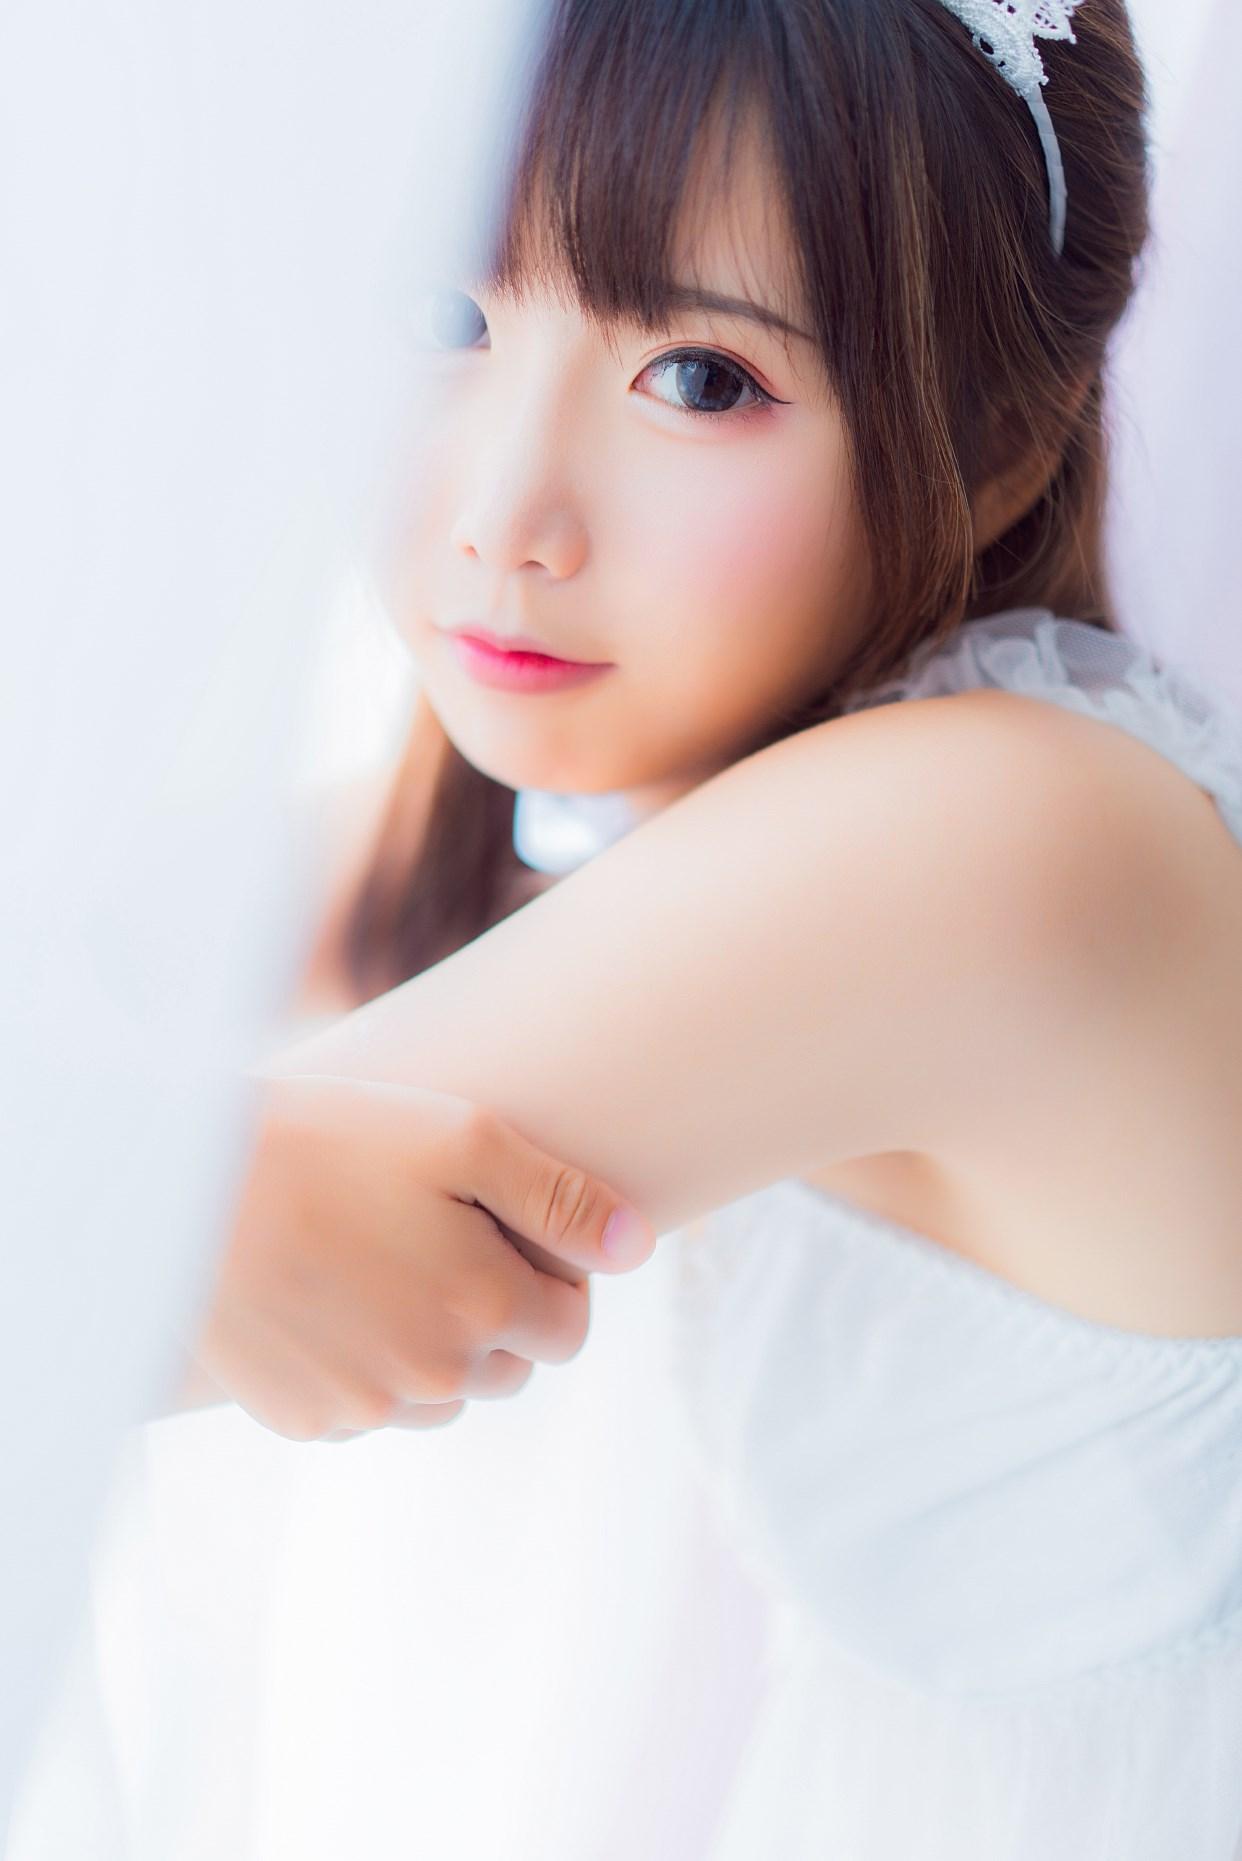 【兔玩映画】vol.12-吊带睡衣 兔玩映画 第41张